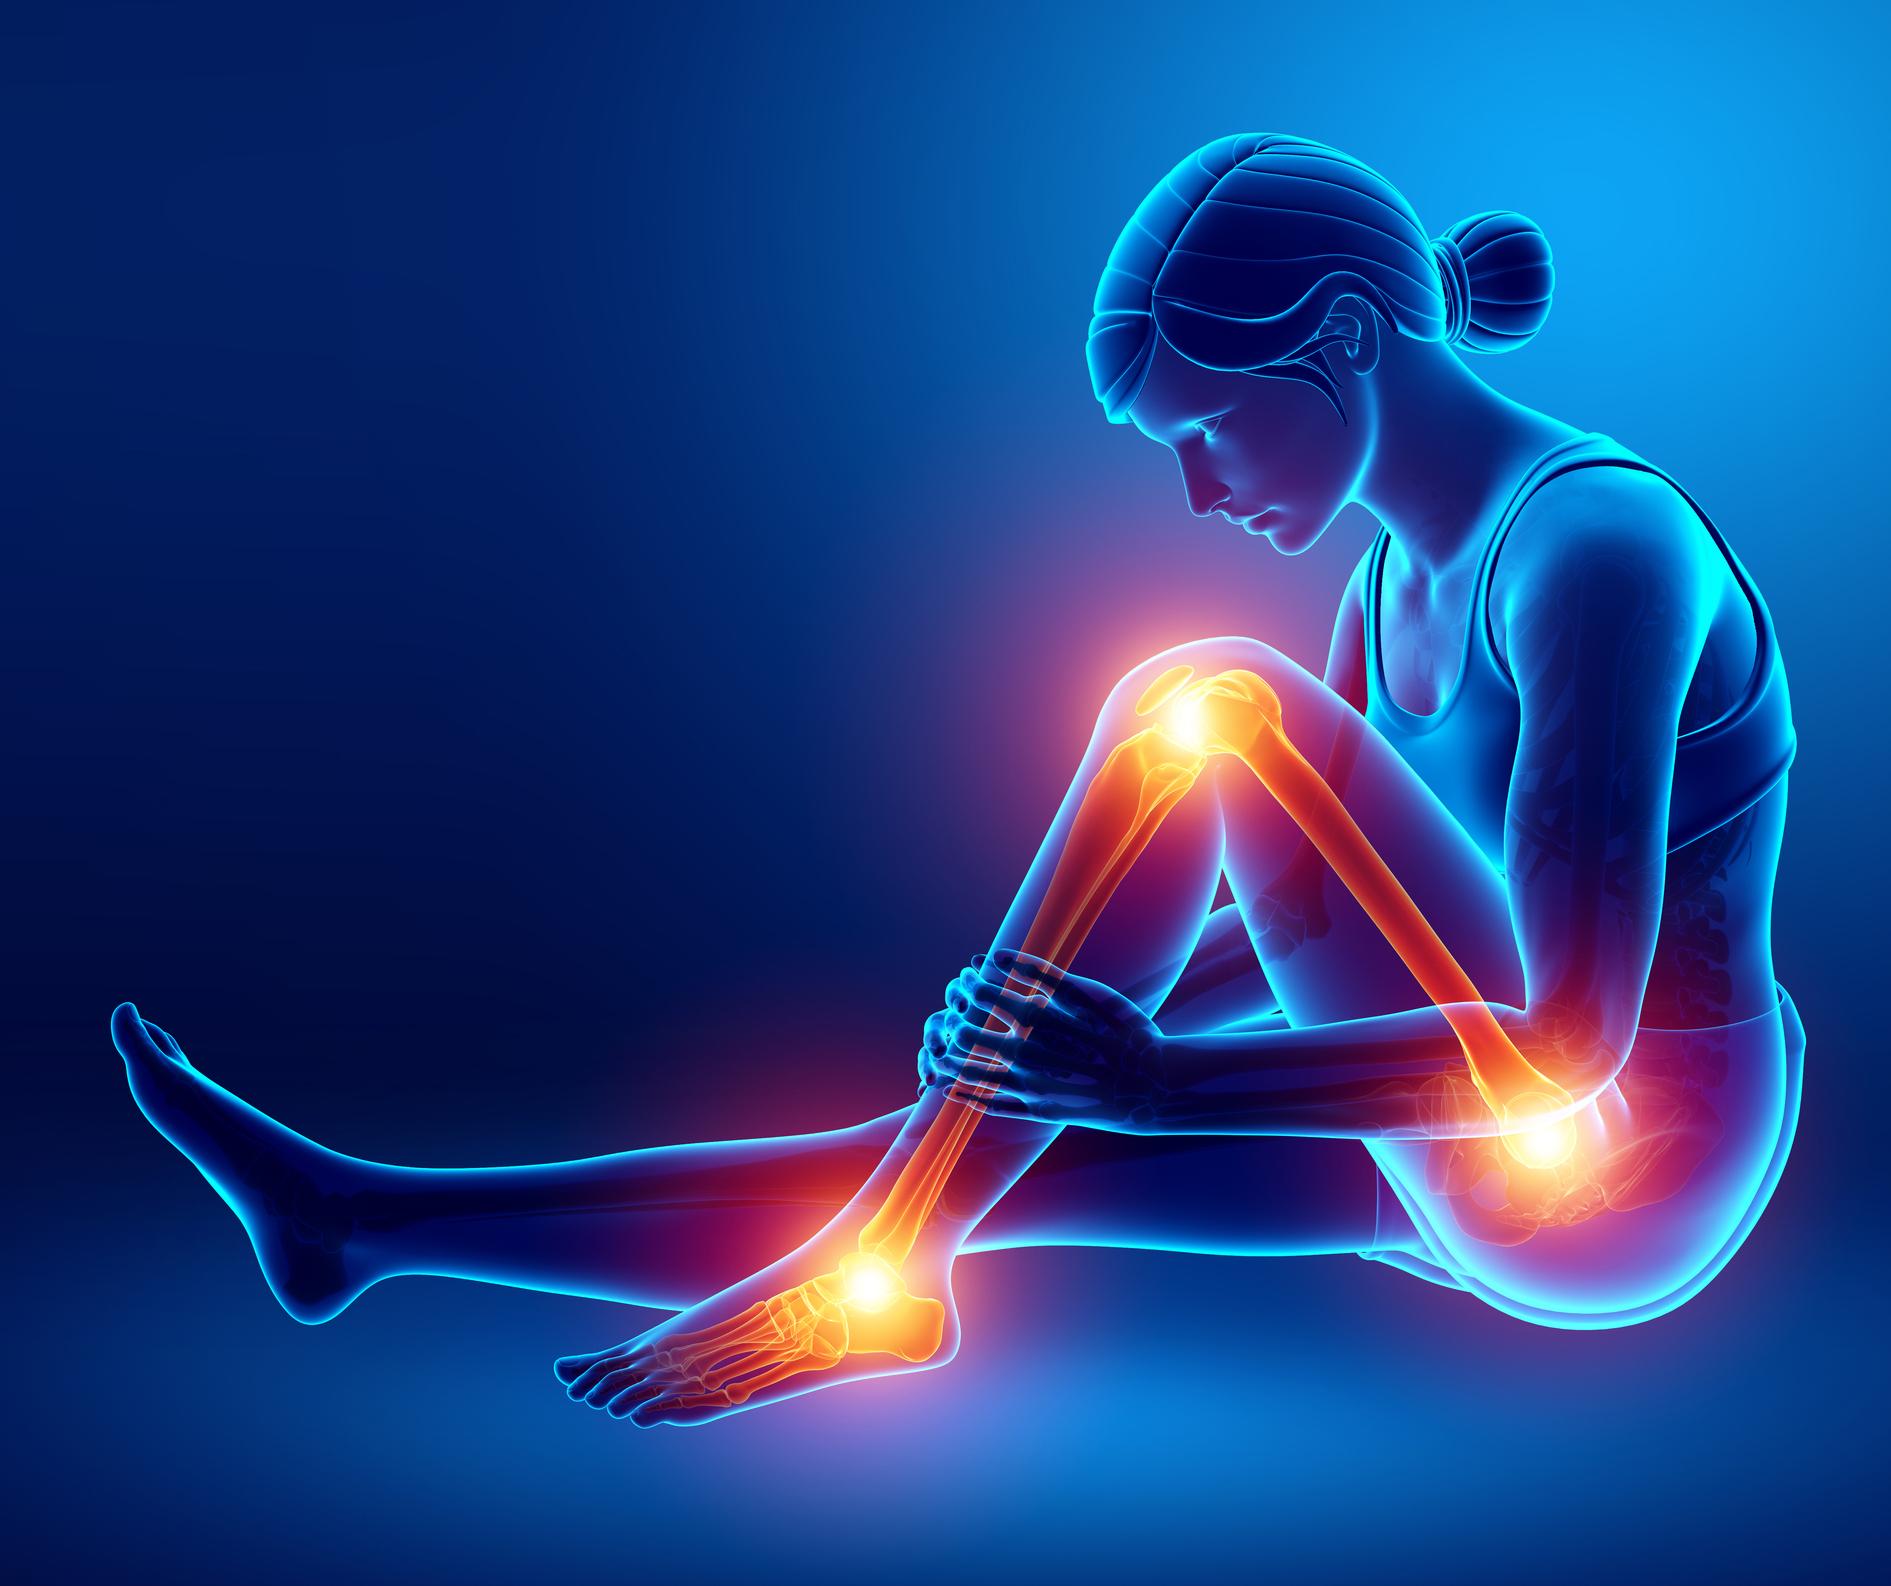 miért fáj és összeroppan a vállízület alternatív gyógyászat artrózis kezelése